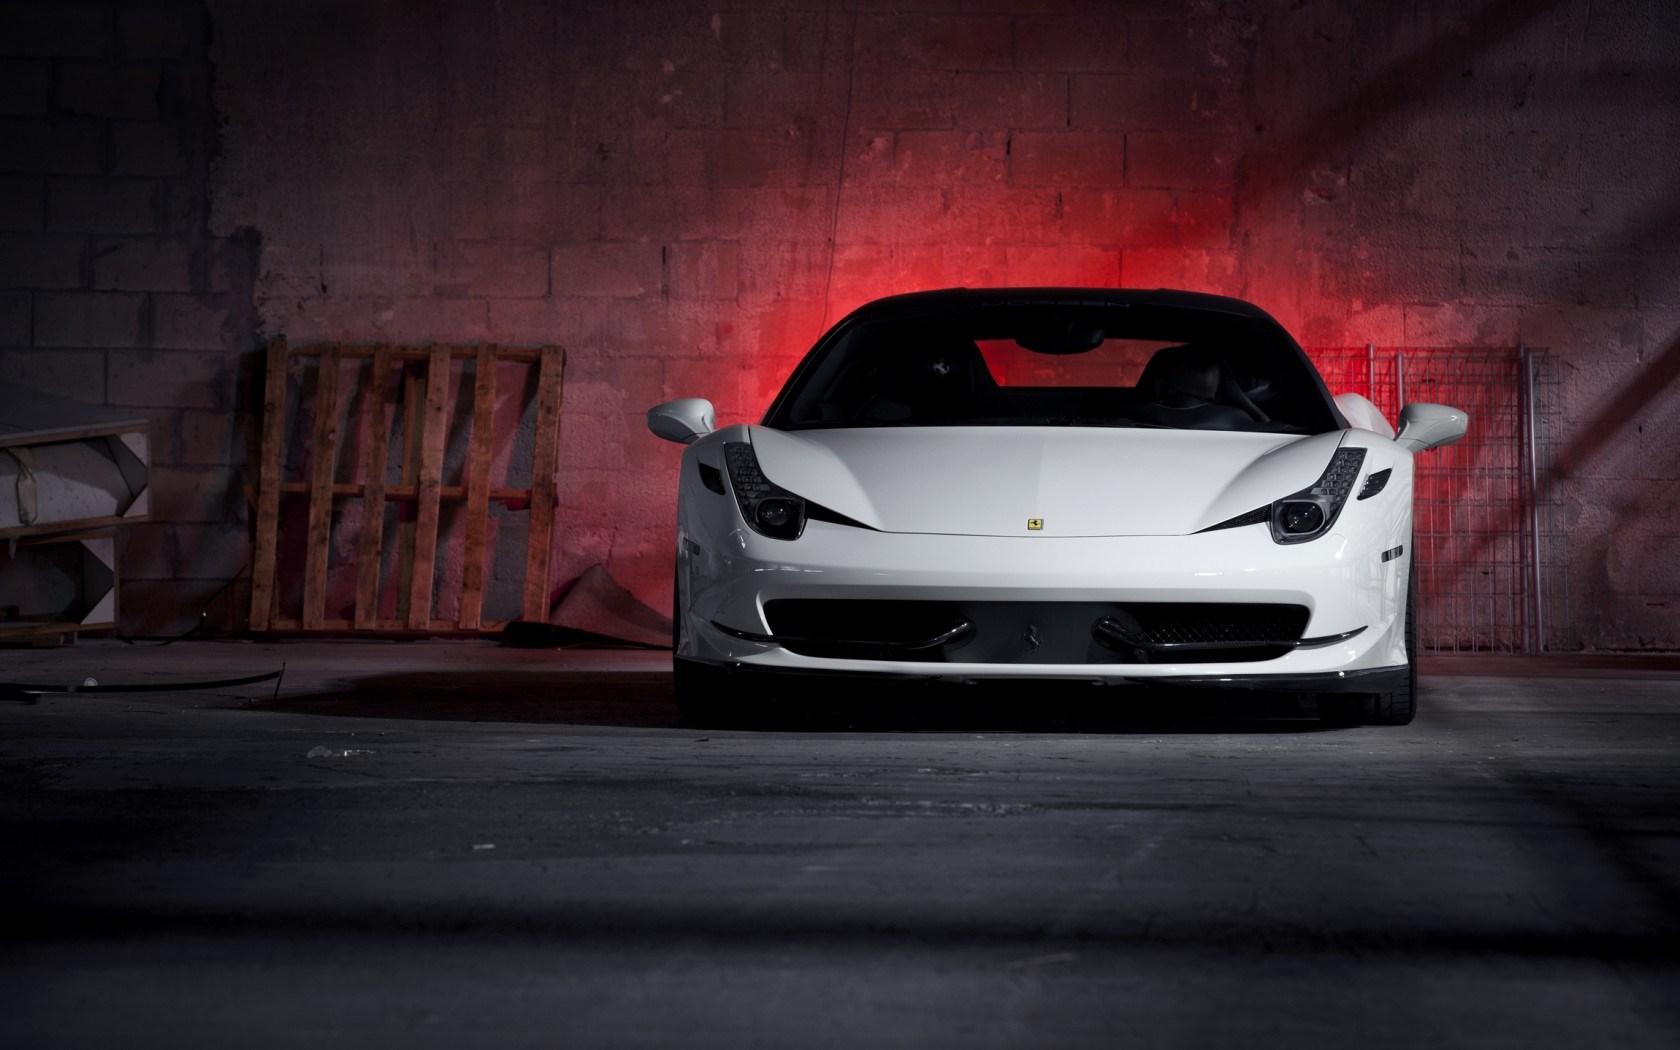 ferrari 458 italia white lights